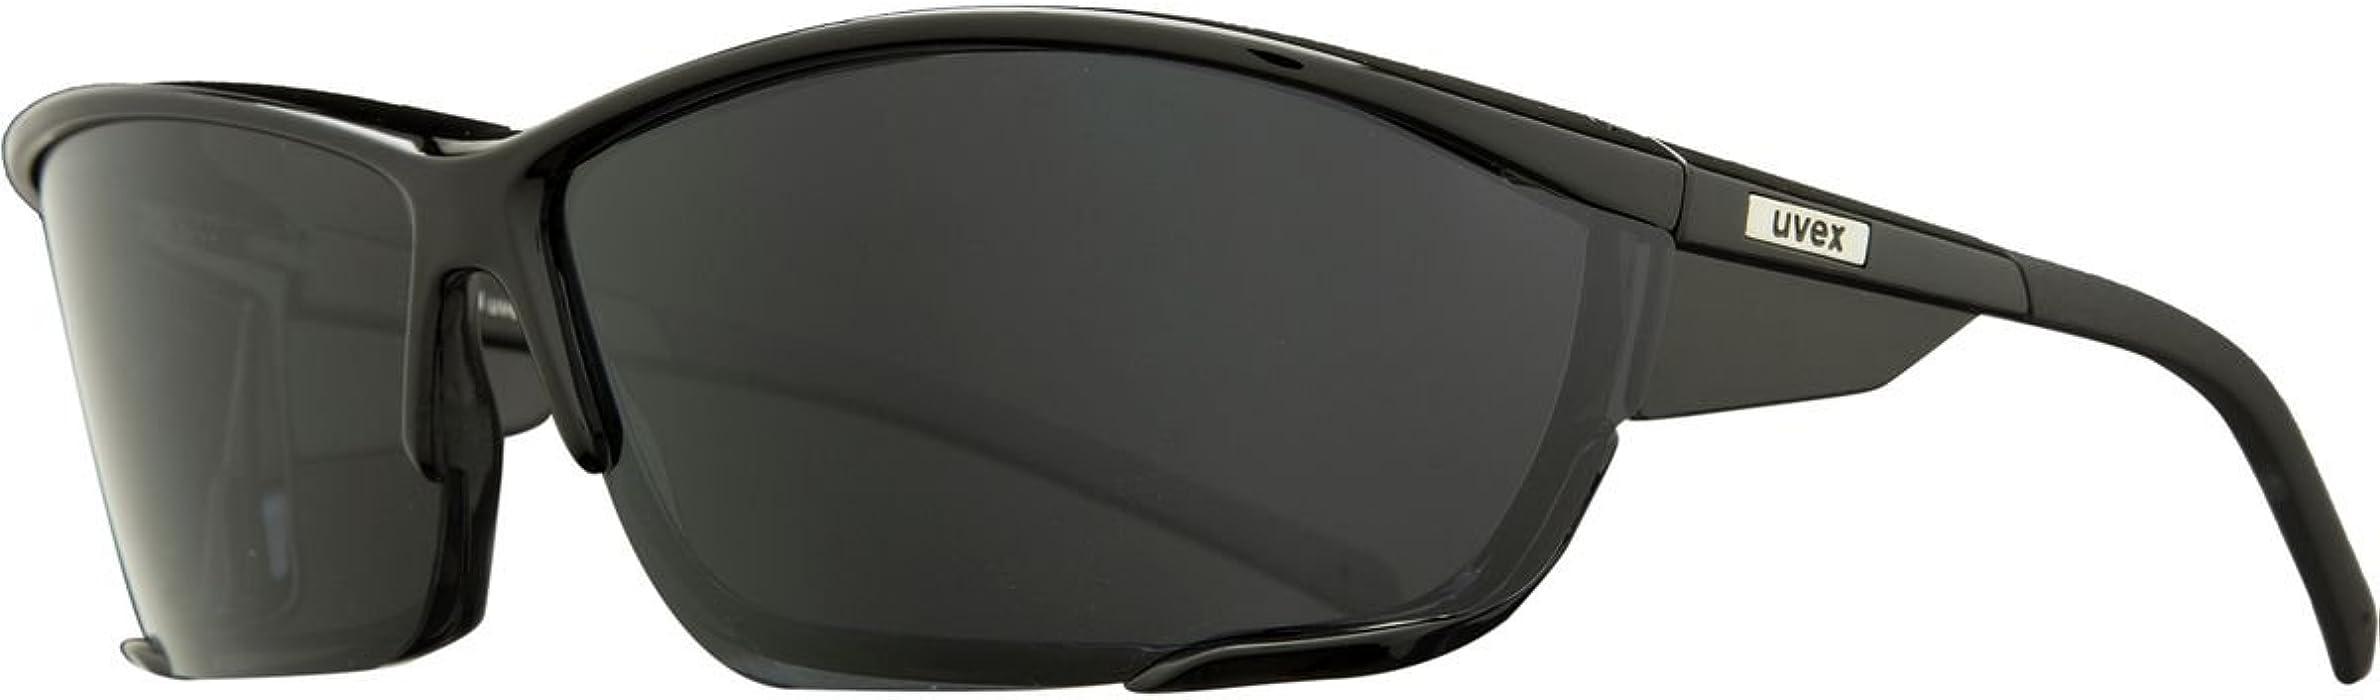 Uvex Gafas de Sol Sgl 400 negro ÚNICA: Amazon.es: Ropa y ...